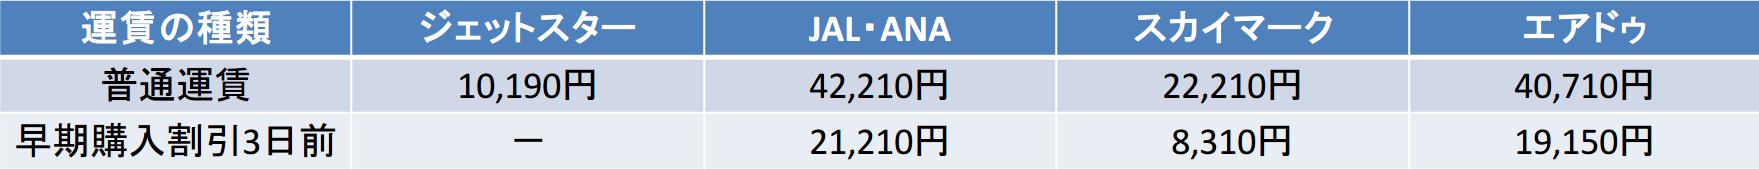 中部国際-新千歳 運賃比較